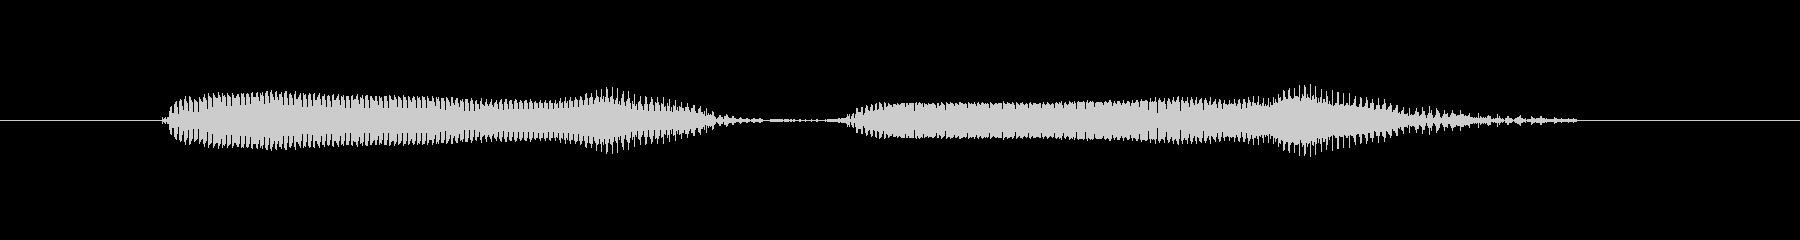 【ボイスSE】ぶーぶーの未再生の波形